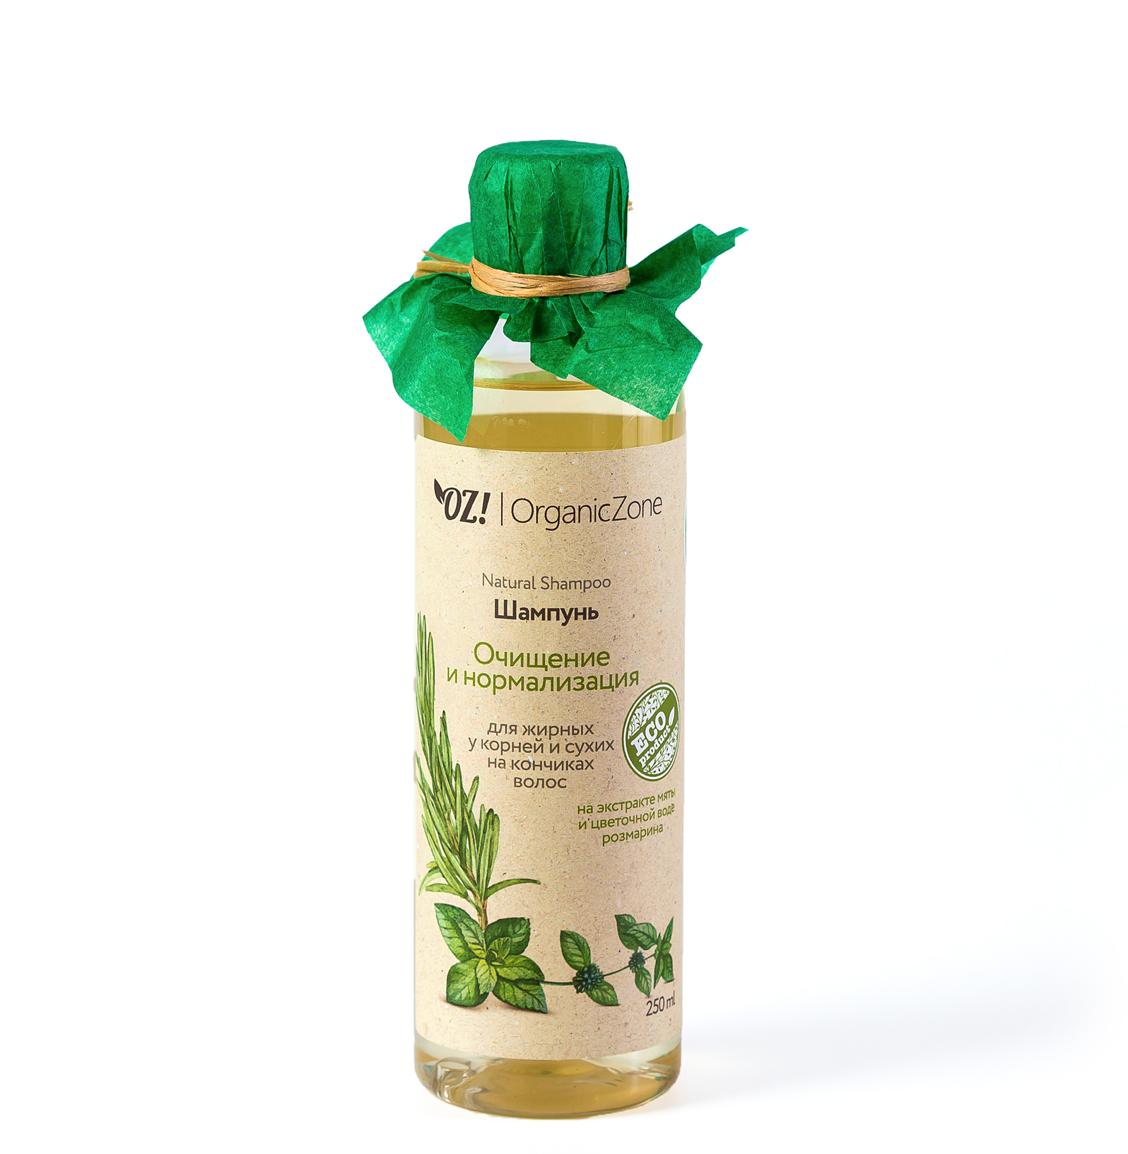 """Шампунь """"""""Очищение и нормализация"""" для жирных у корней и сухих на кончиках волос Organic Zone."""